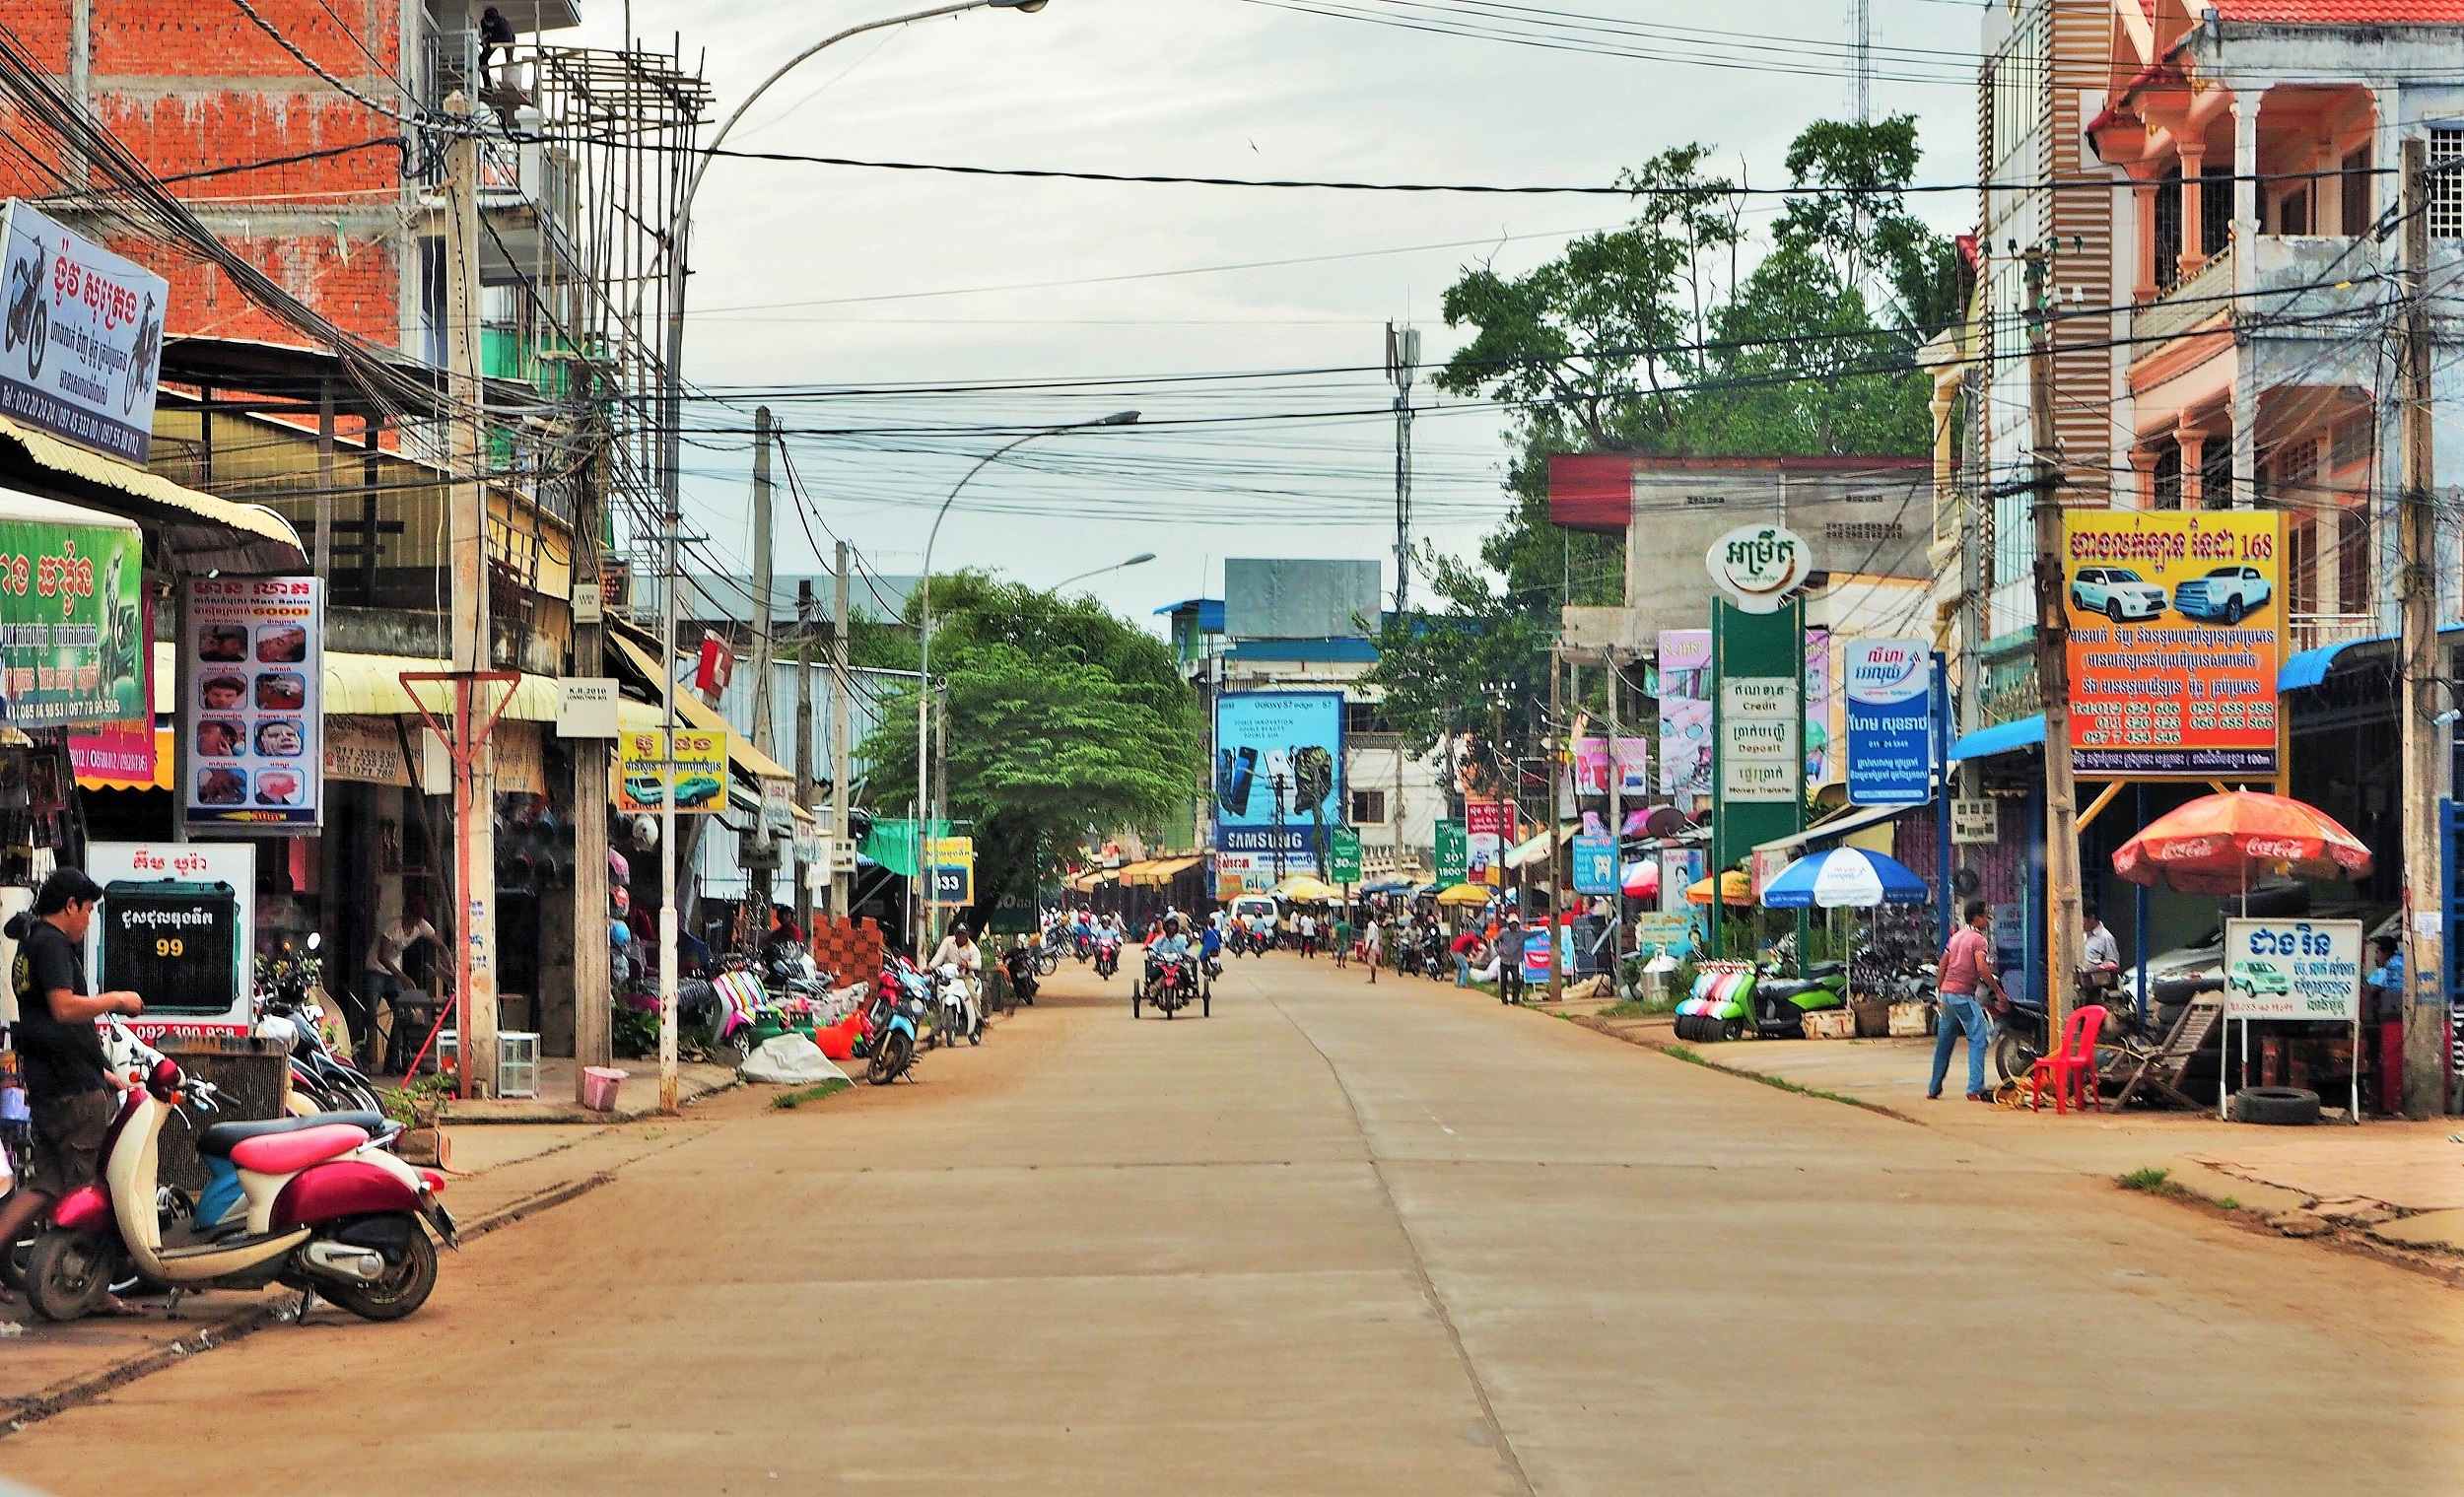 Kratie Town